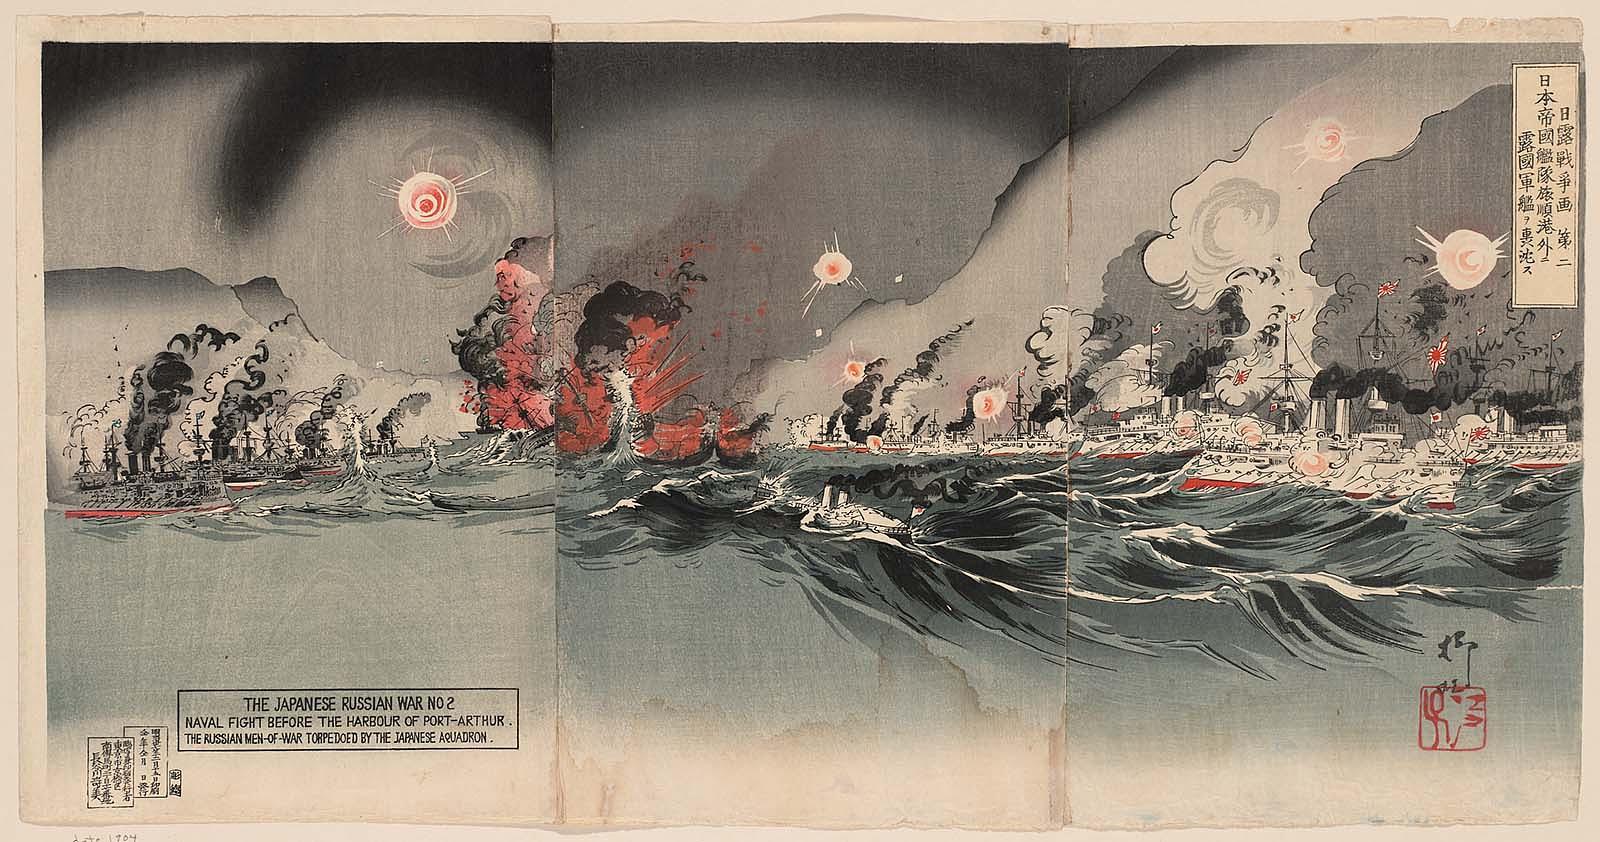 1904. Императорский японский флот потопил русские линейные корабли за пределами гавани Порт-Артура